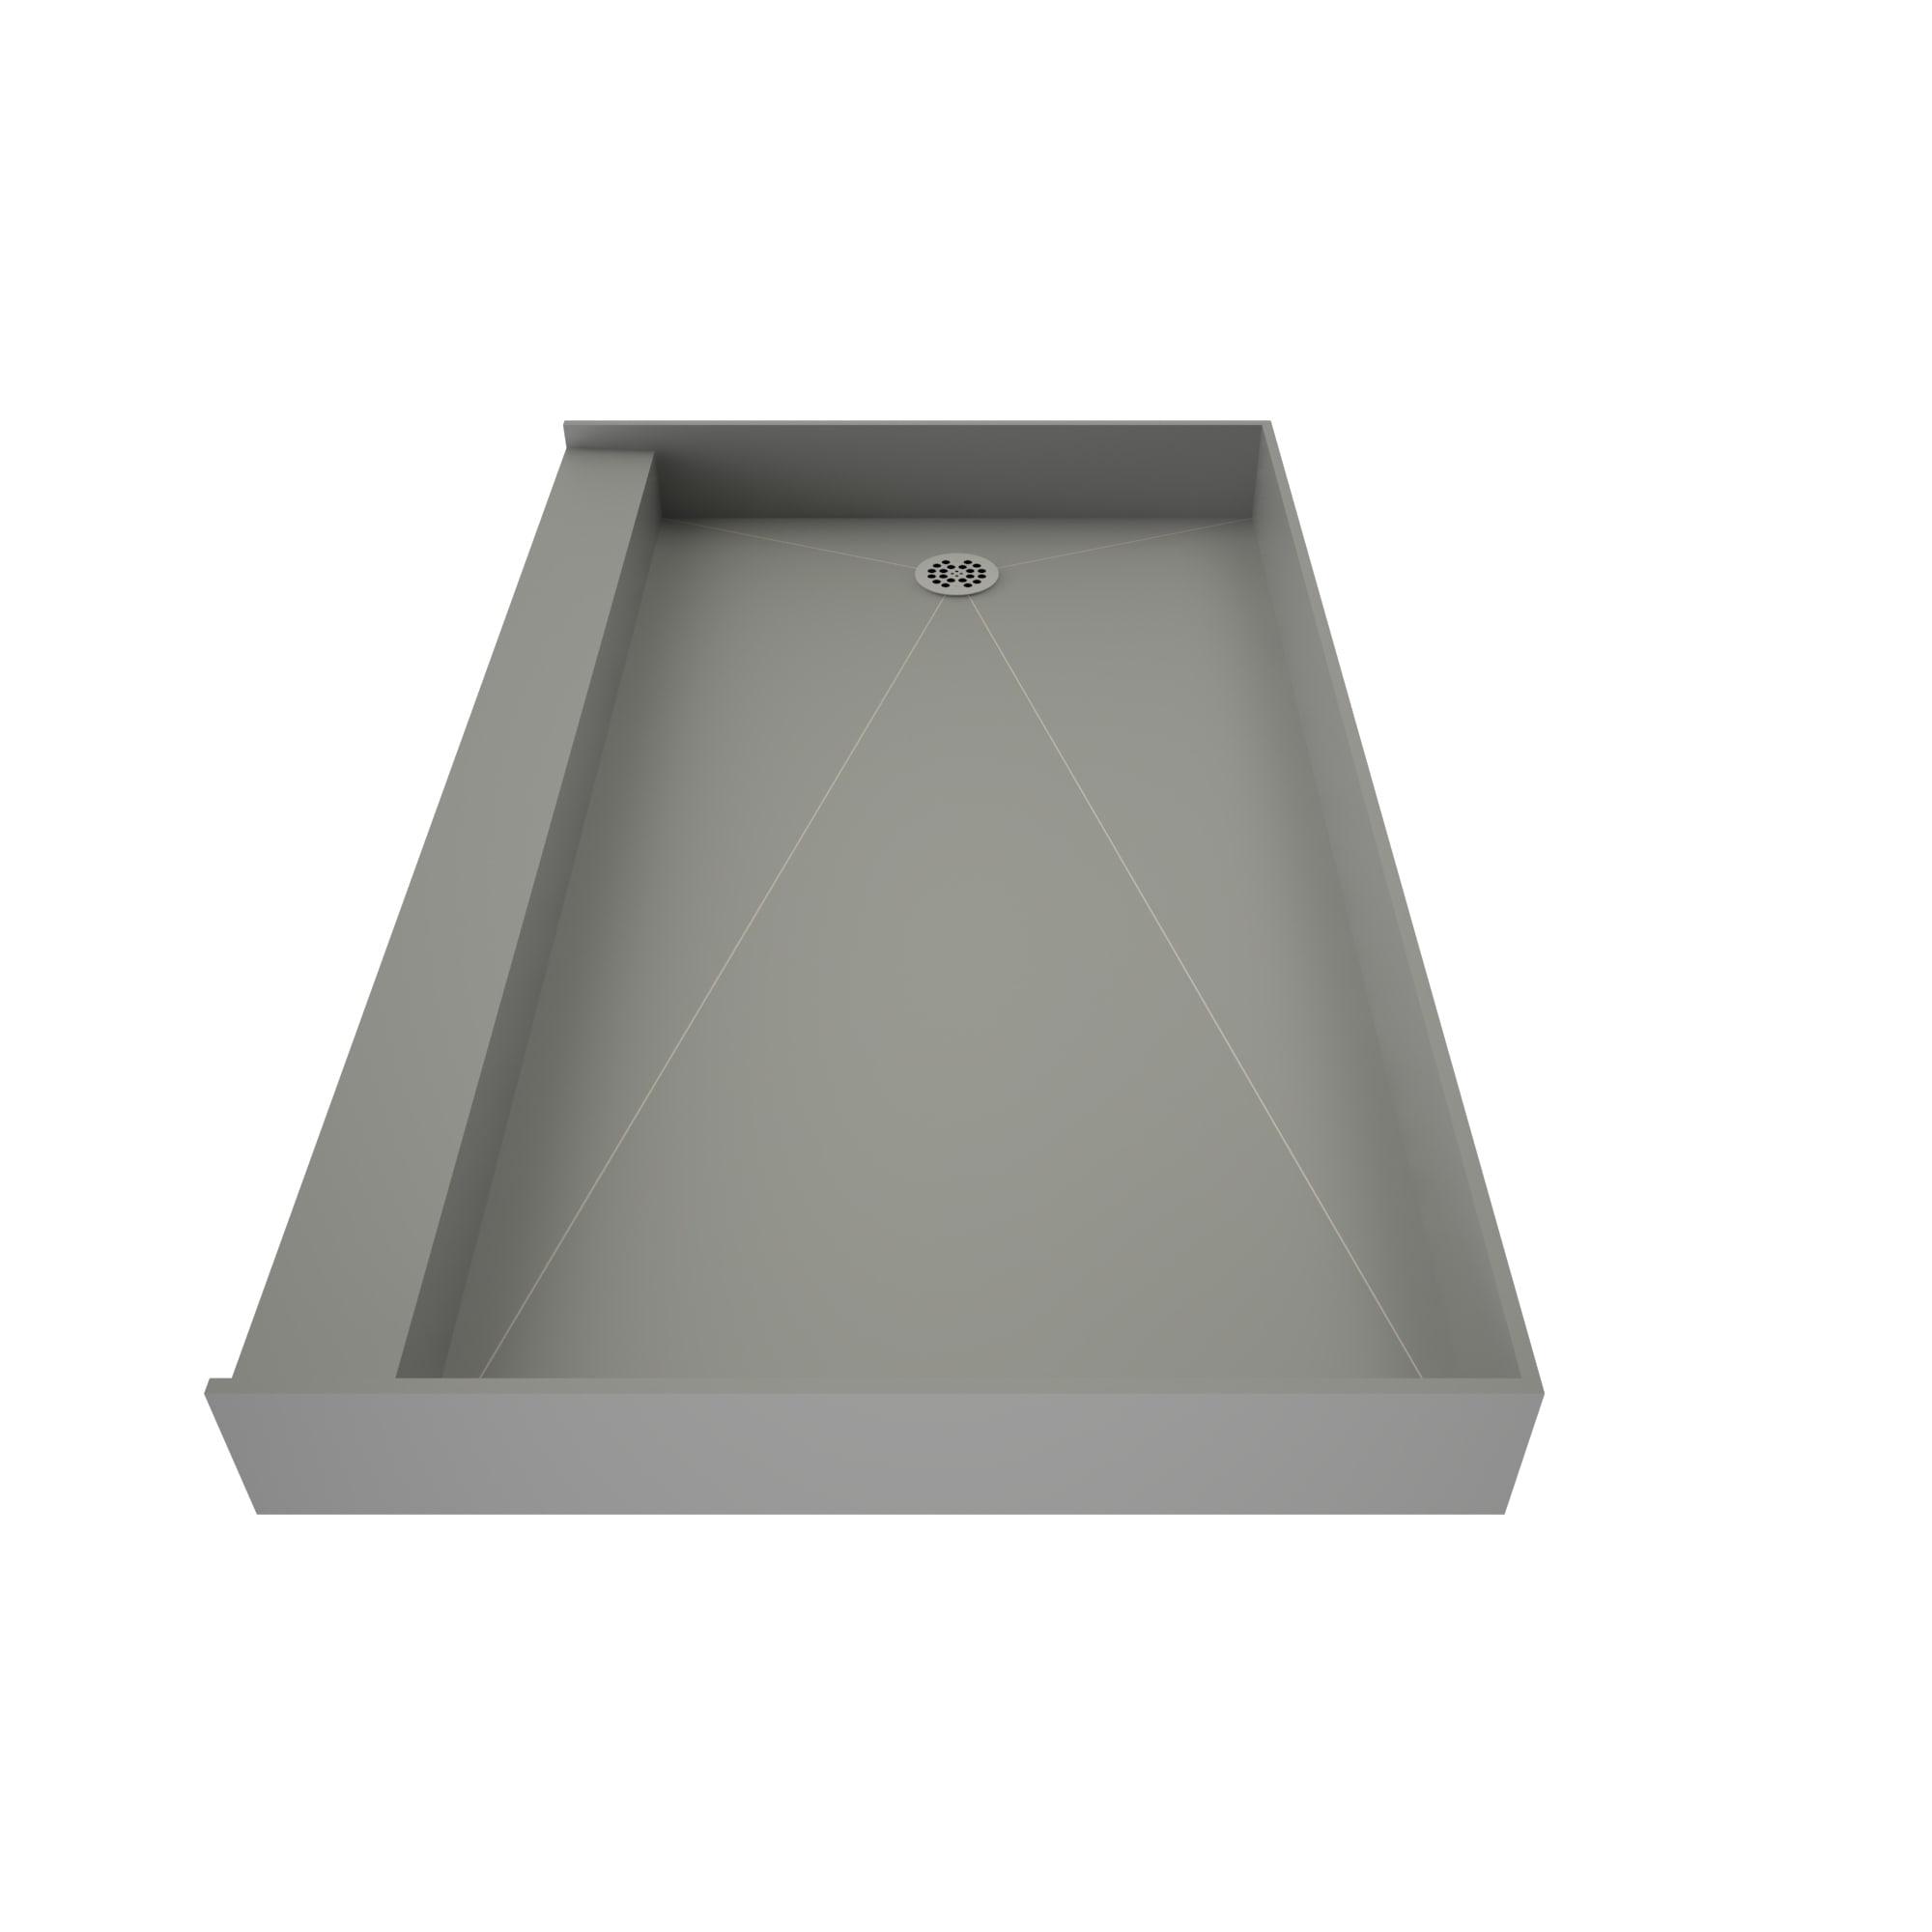 Waterproof Flashing System 34x60 Shower Pan